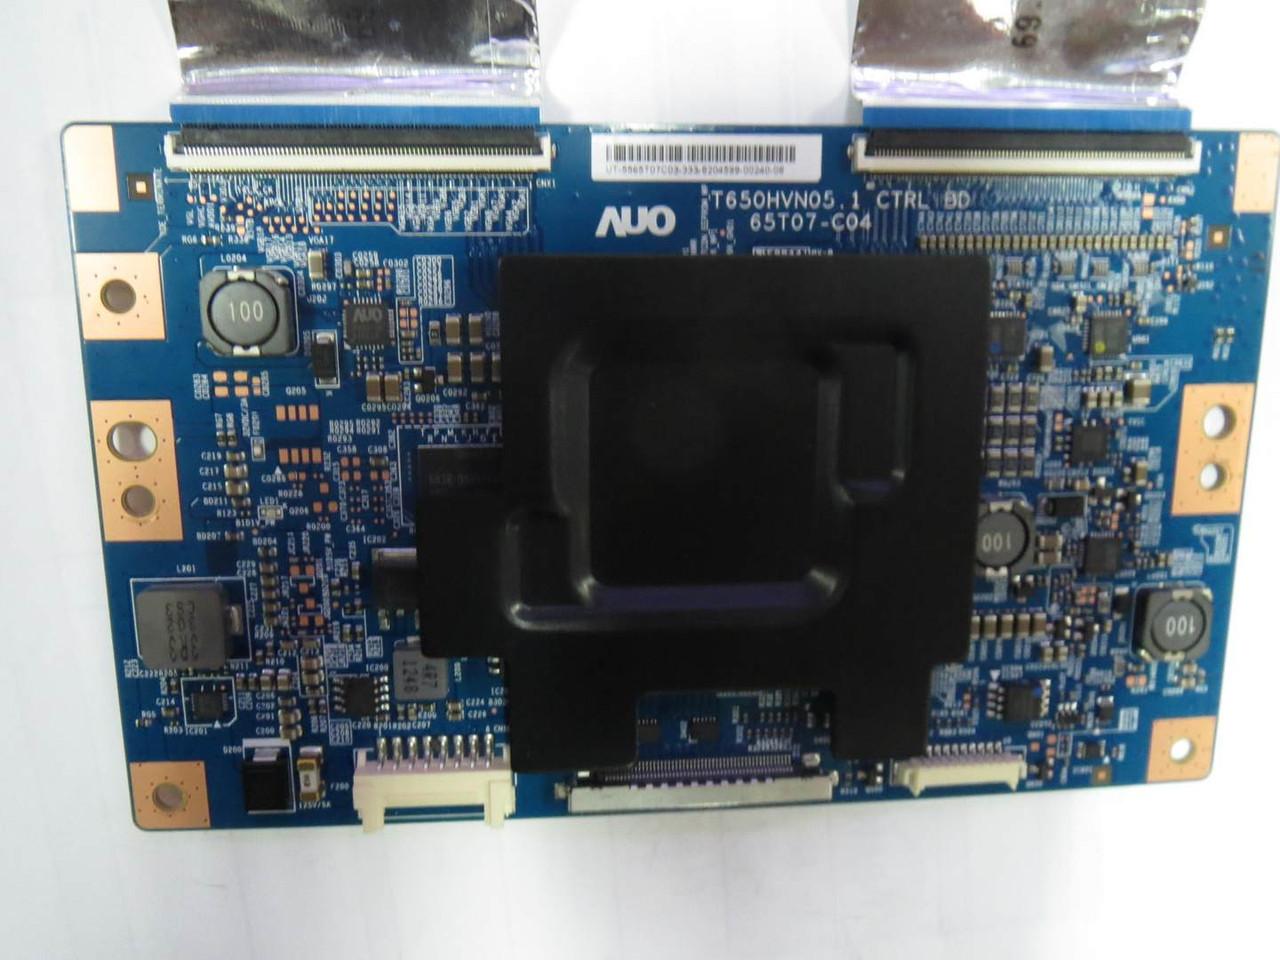 Запчасти телевизора Samsung UE65F6400 TCON T650HVN05.1